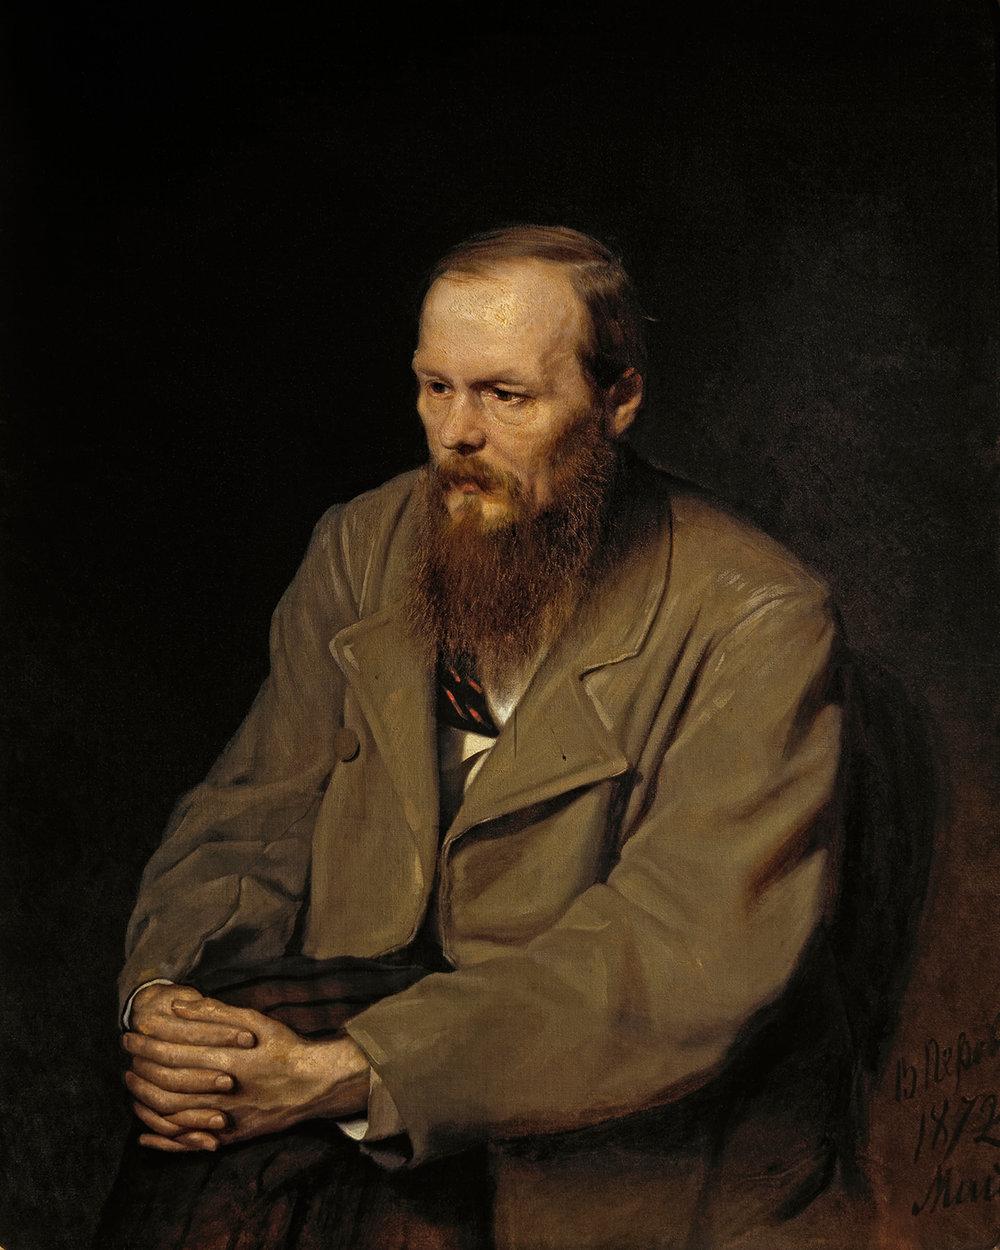 Fjodor Dostojevkij malt av Vasily Perov. 1872